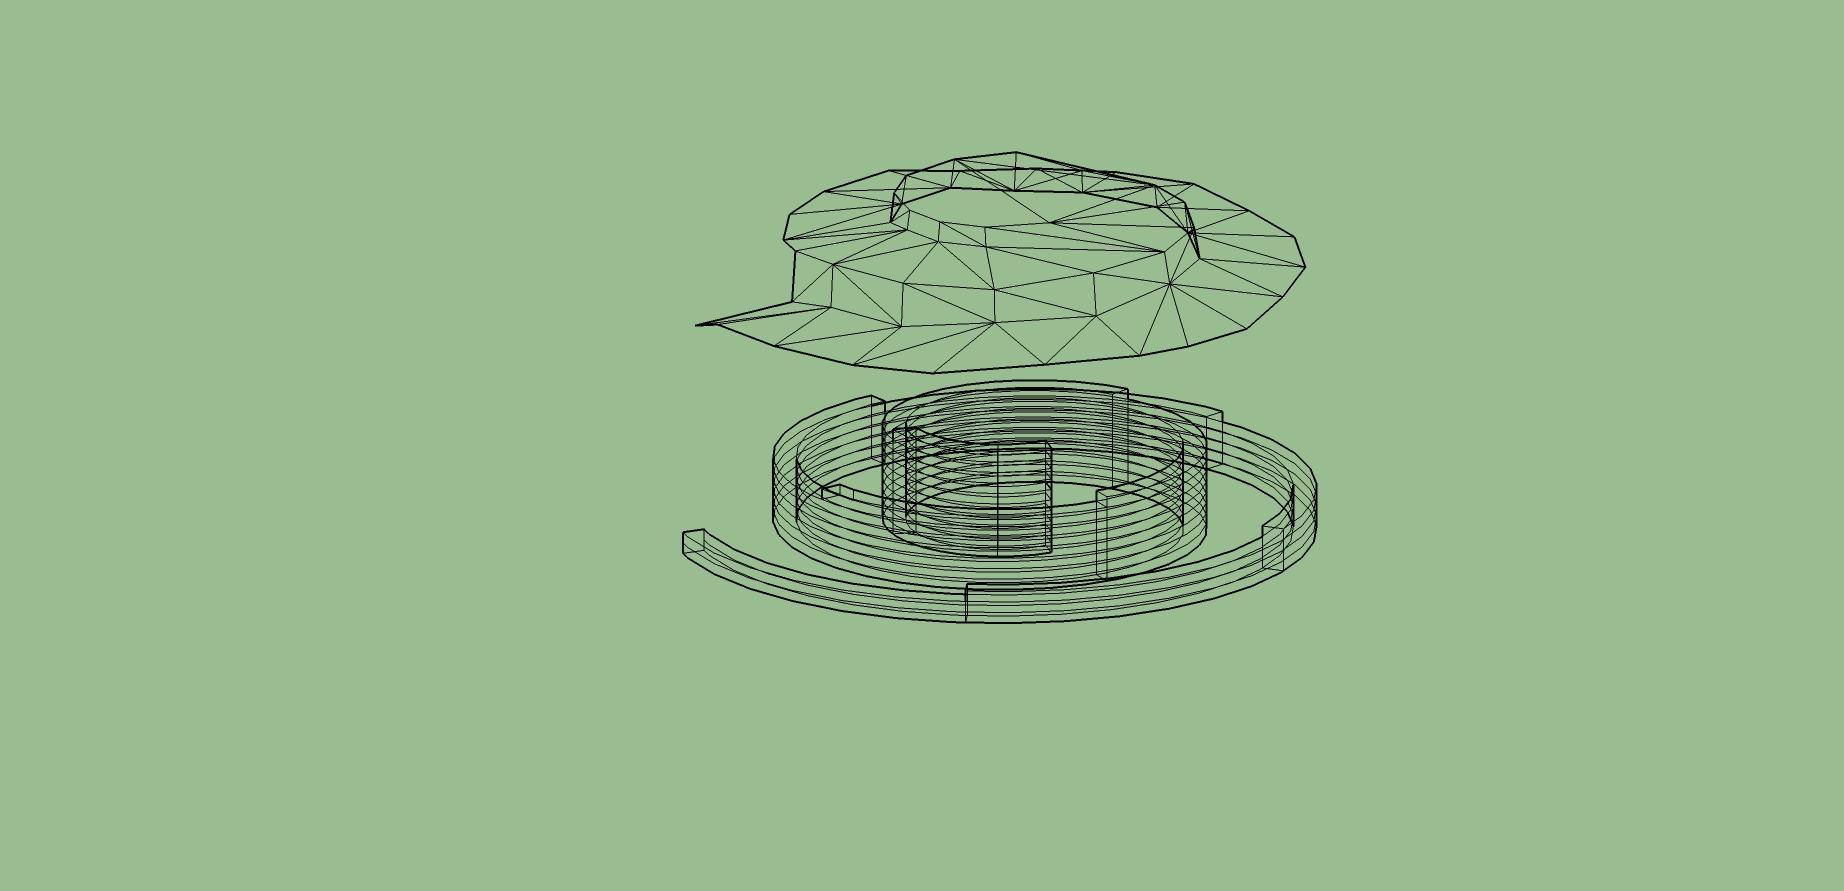 Tässä muurikiville sopivaksi lohkottu malli alla. Päällä spiraalin sisälle tulevan maanpinnan mallinnos.